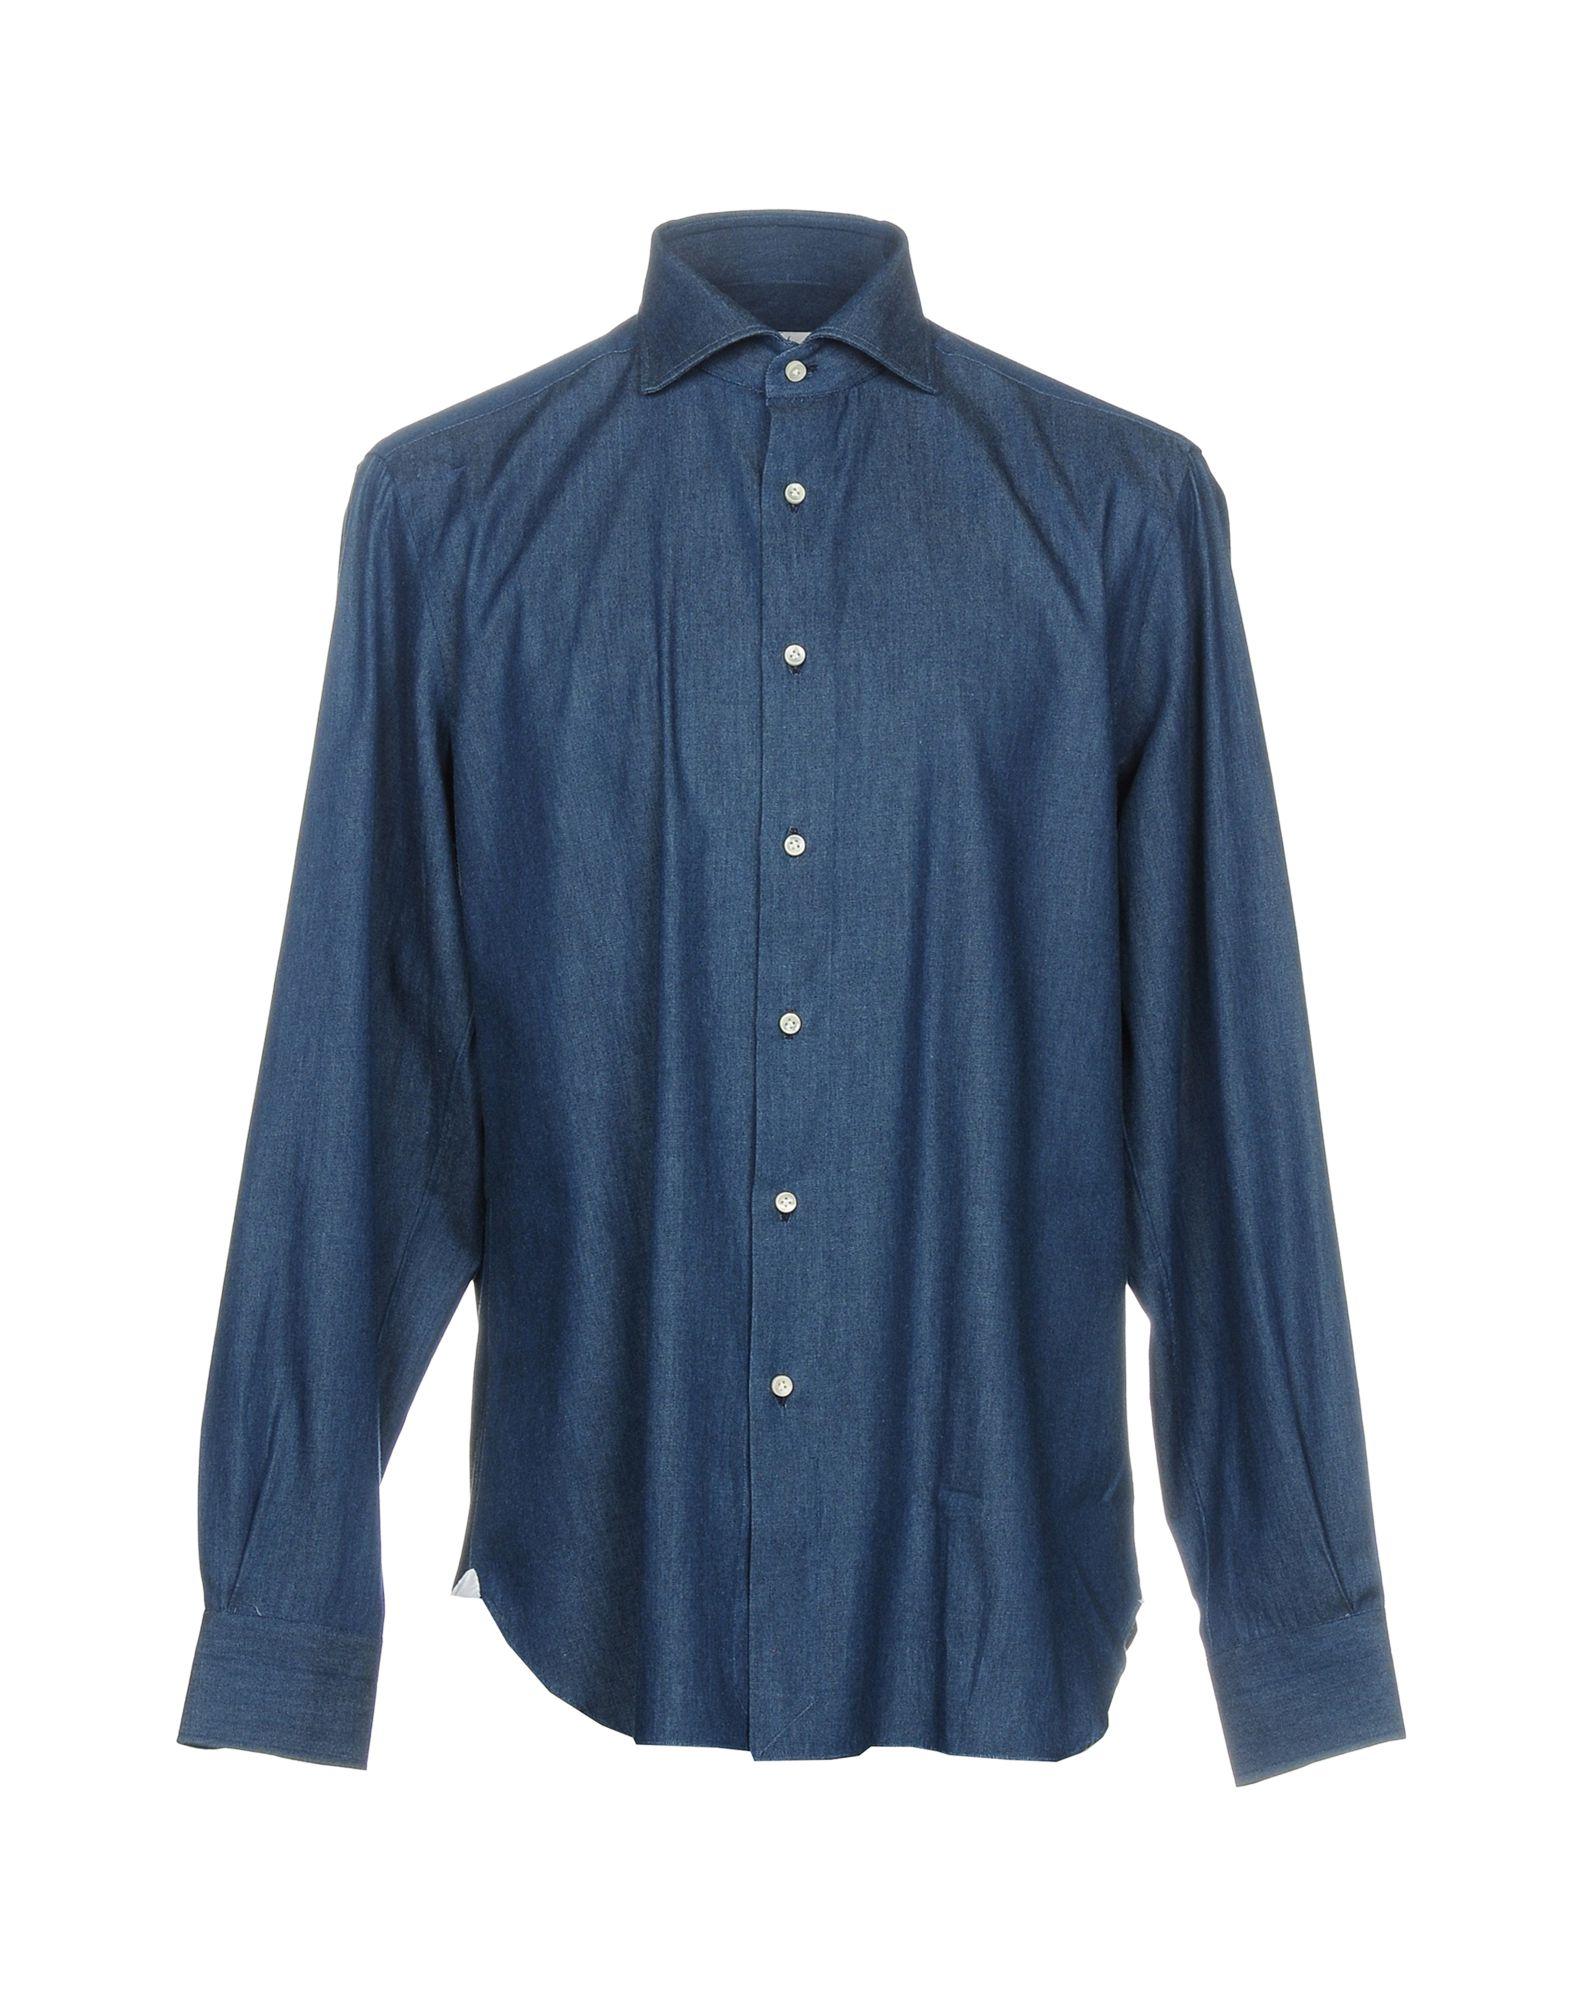 Camicia Jeans Mattabisch Uomo - Acquista online su